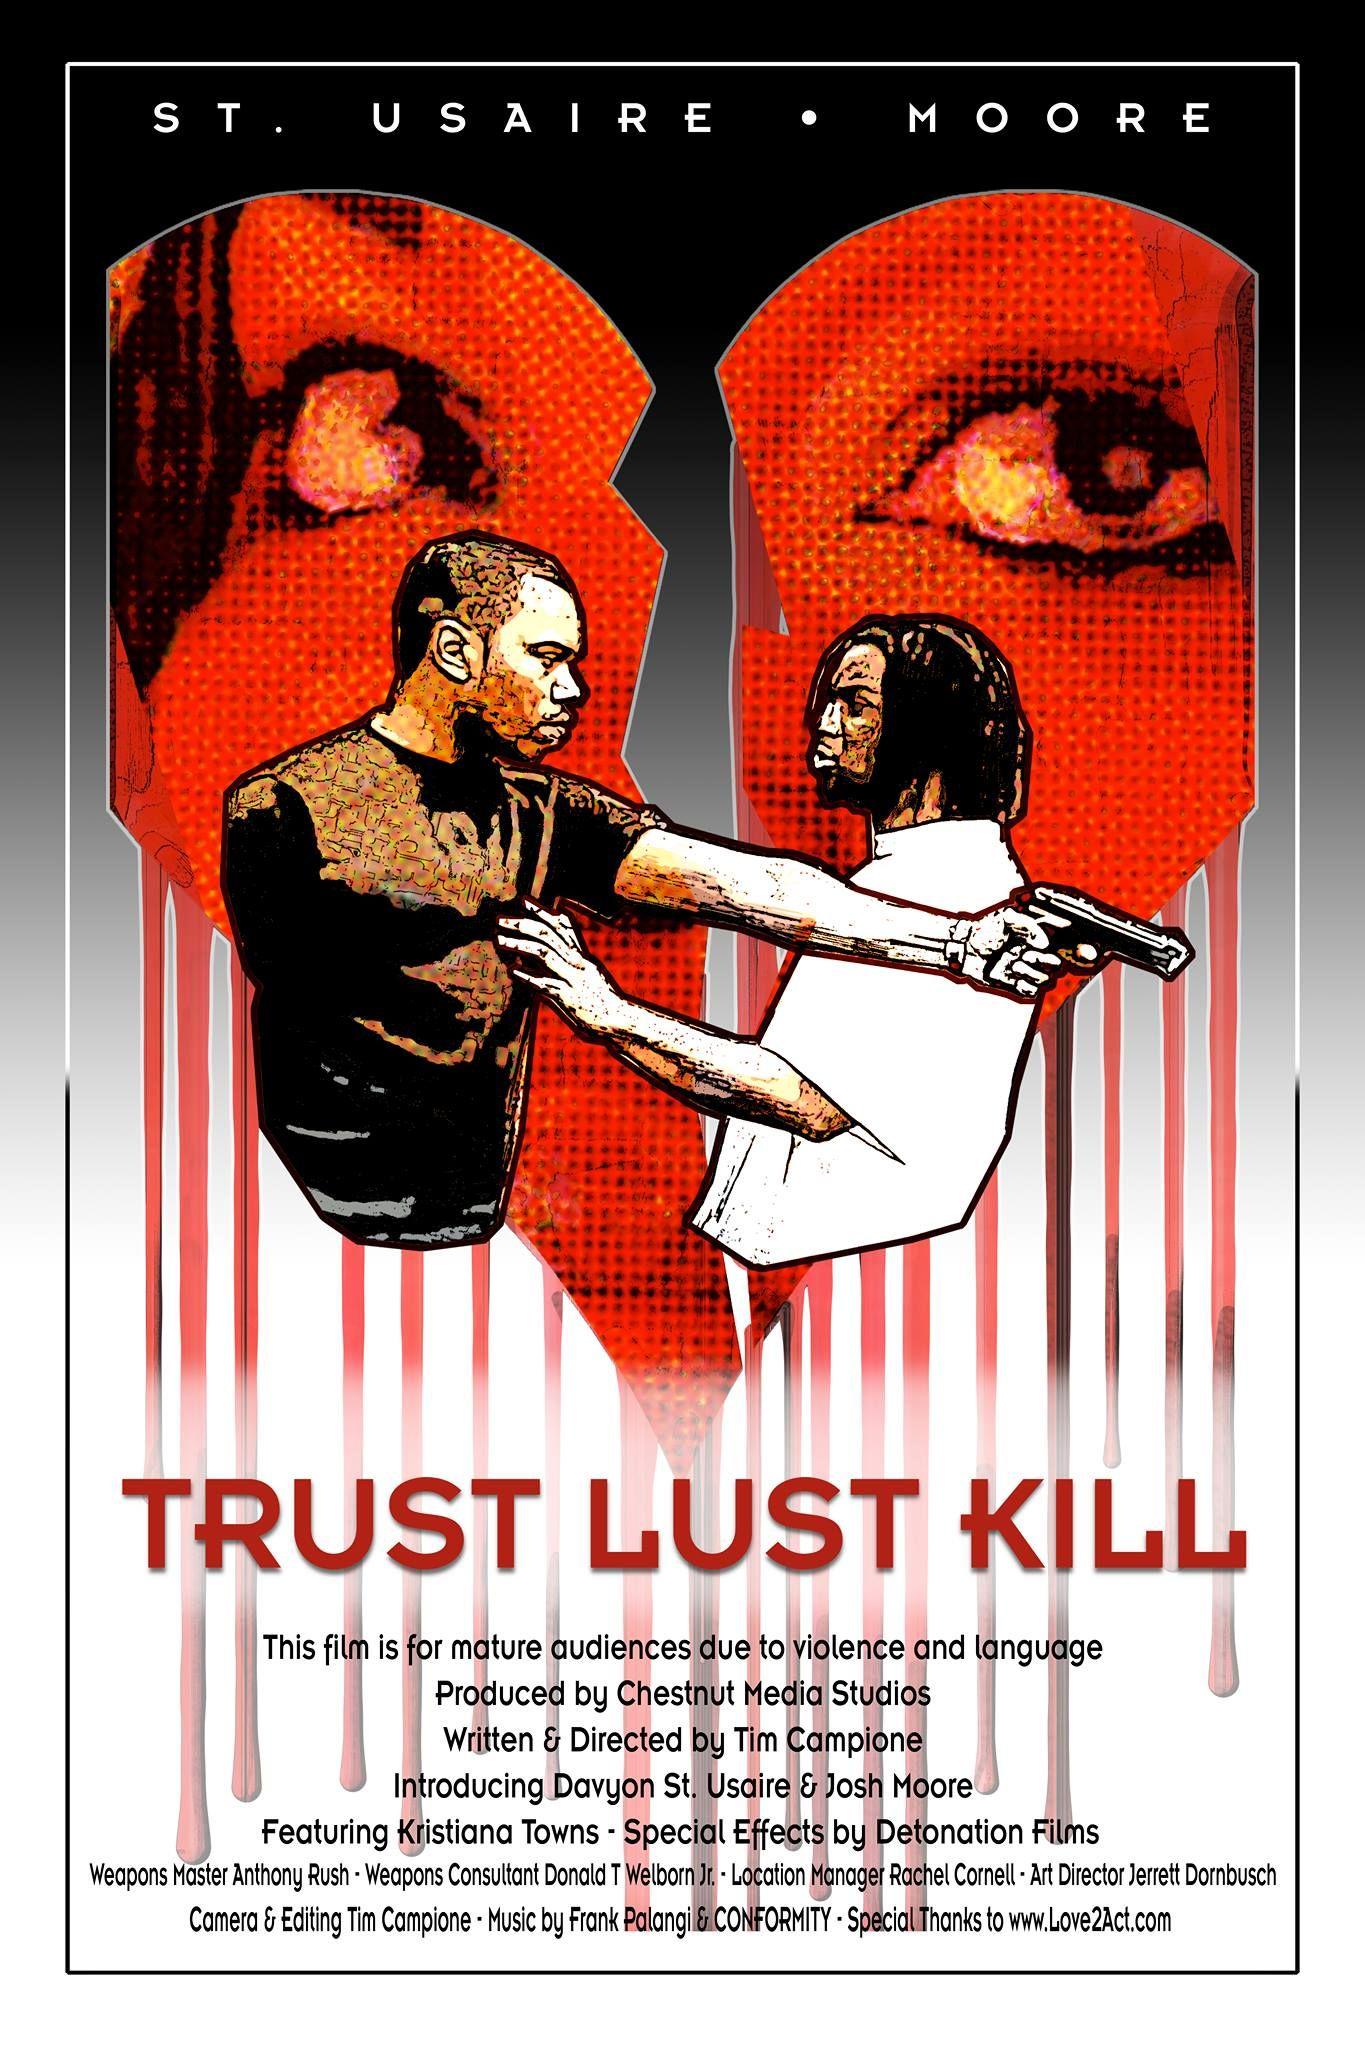 Trust Lust Kill